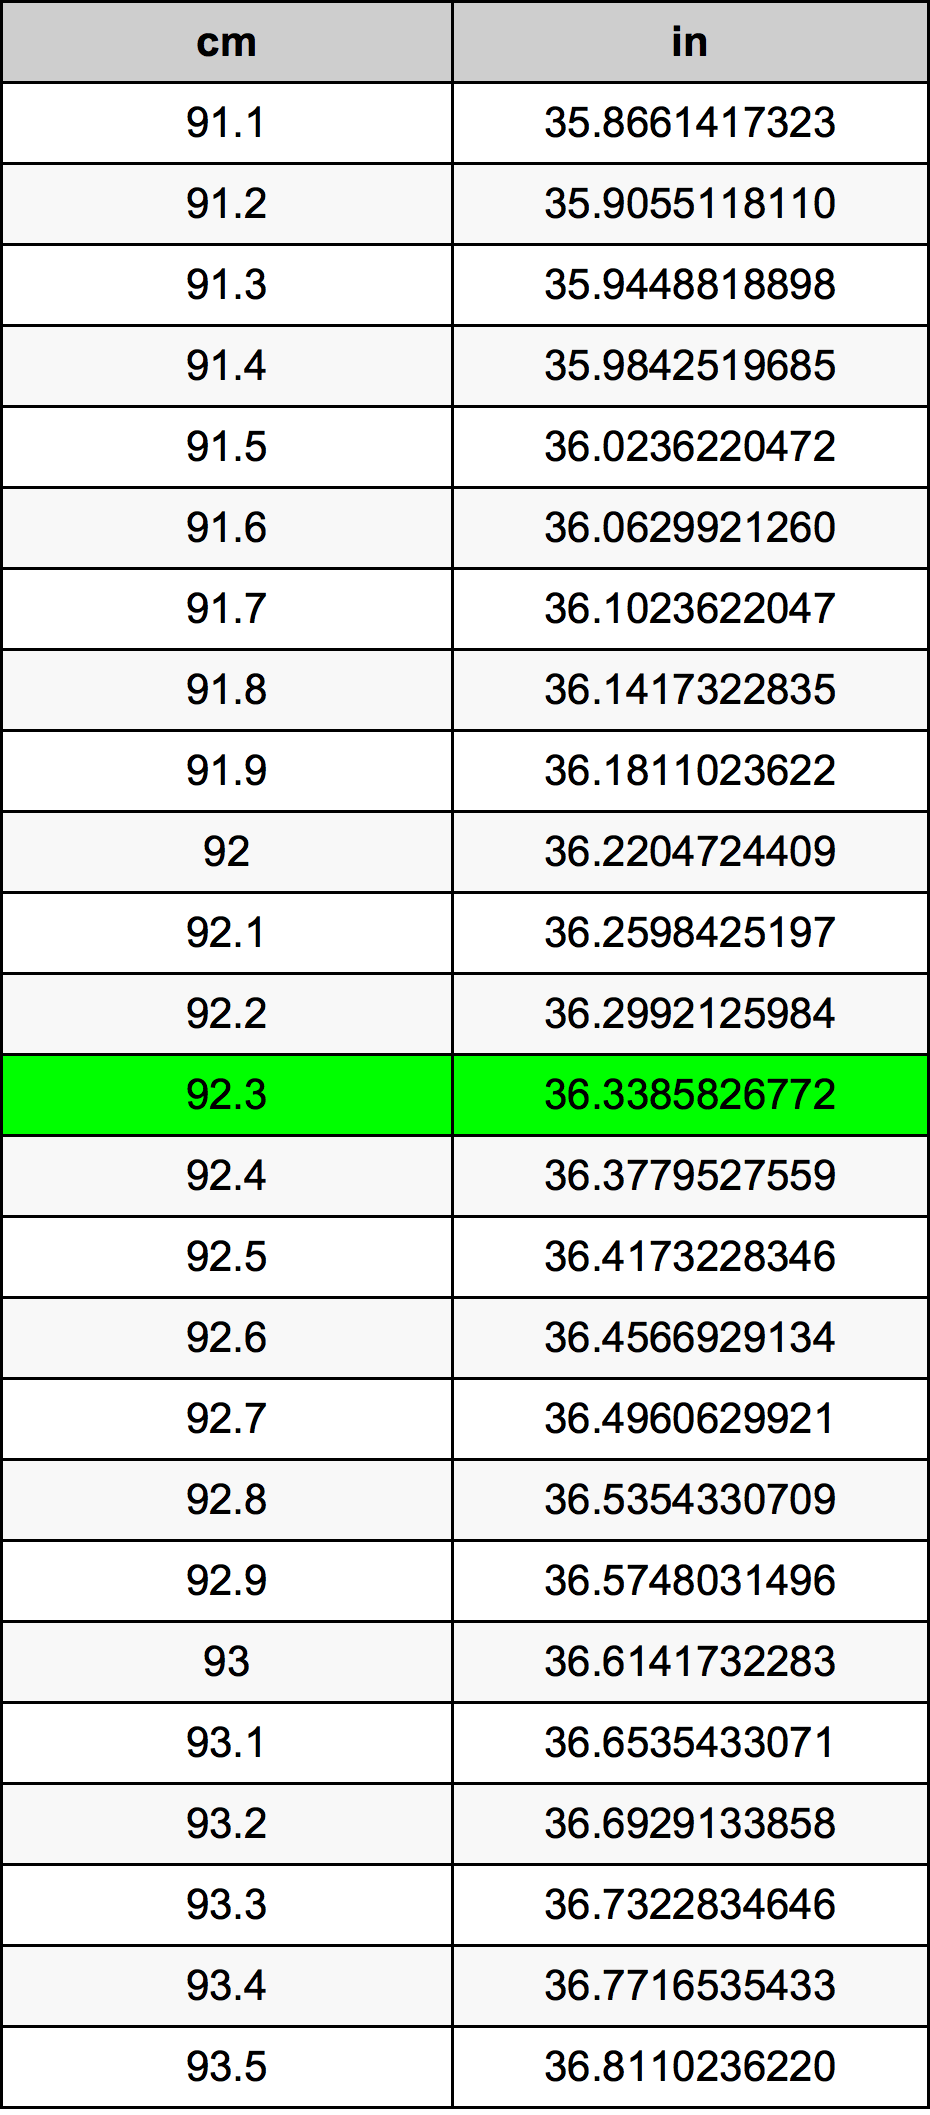 92.3厘米換算表